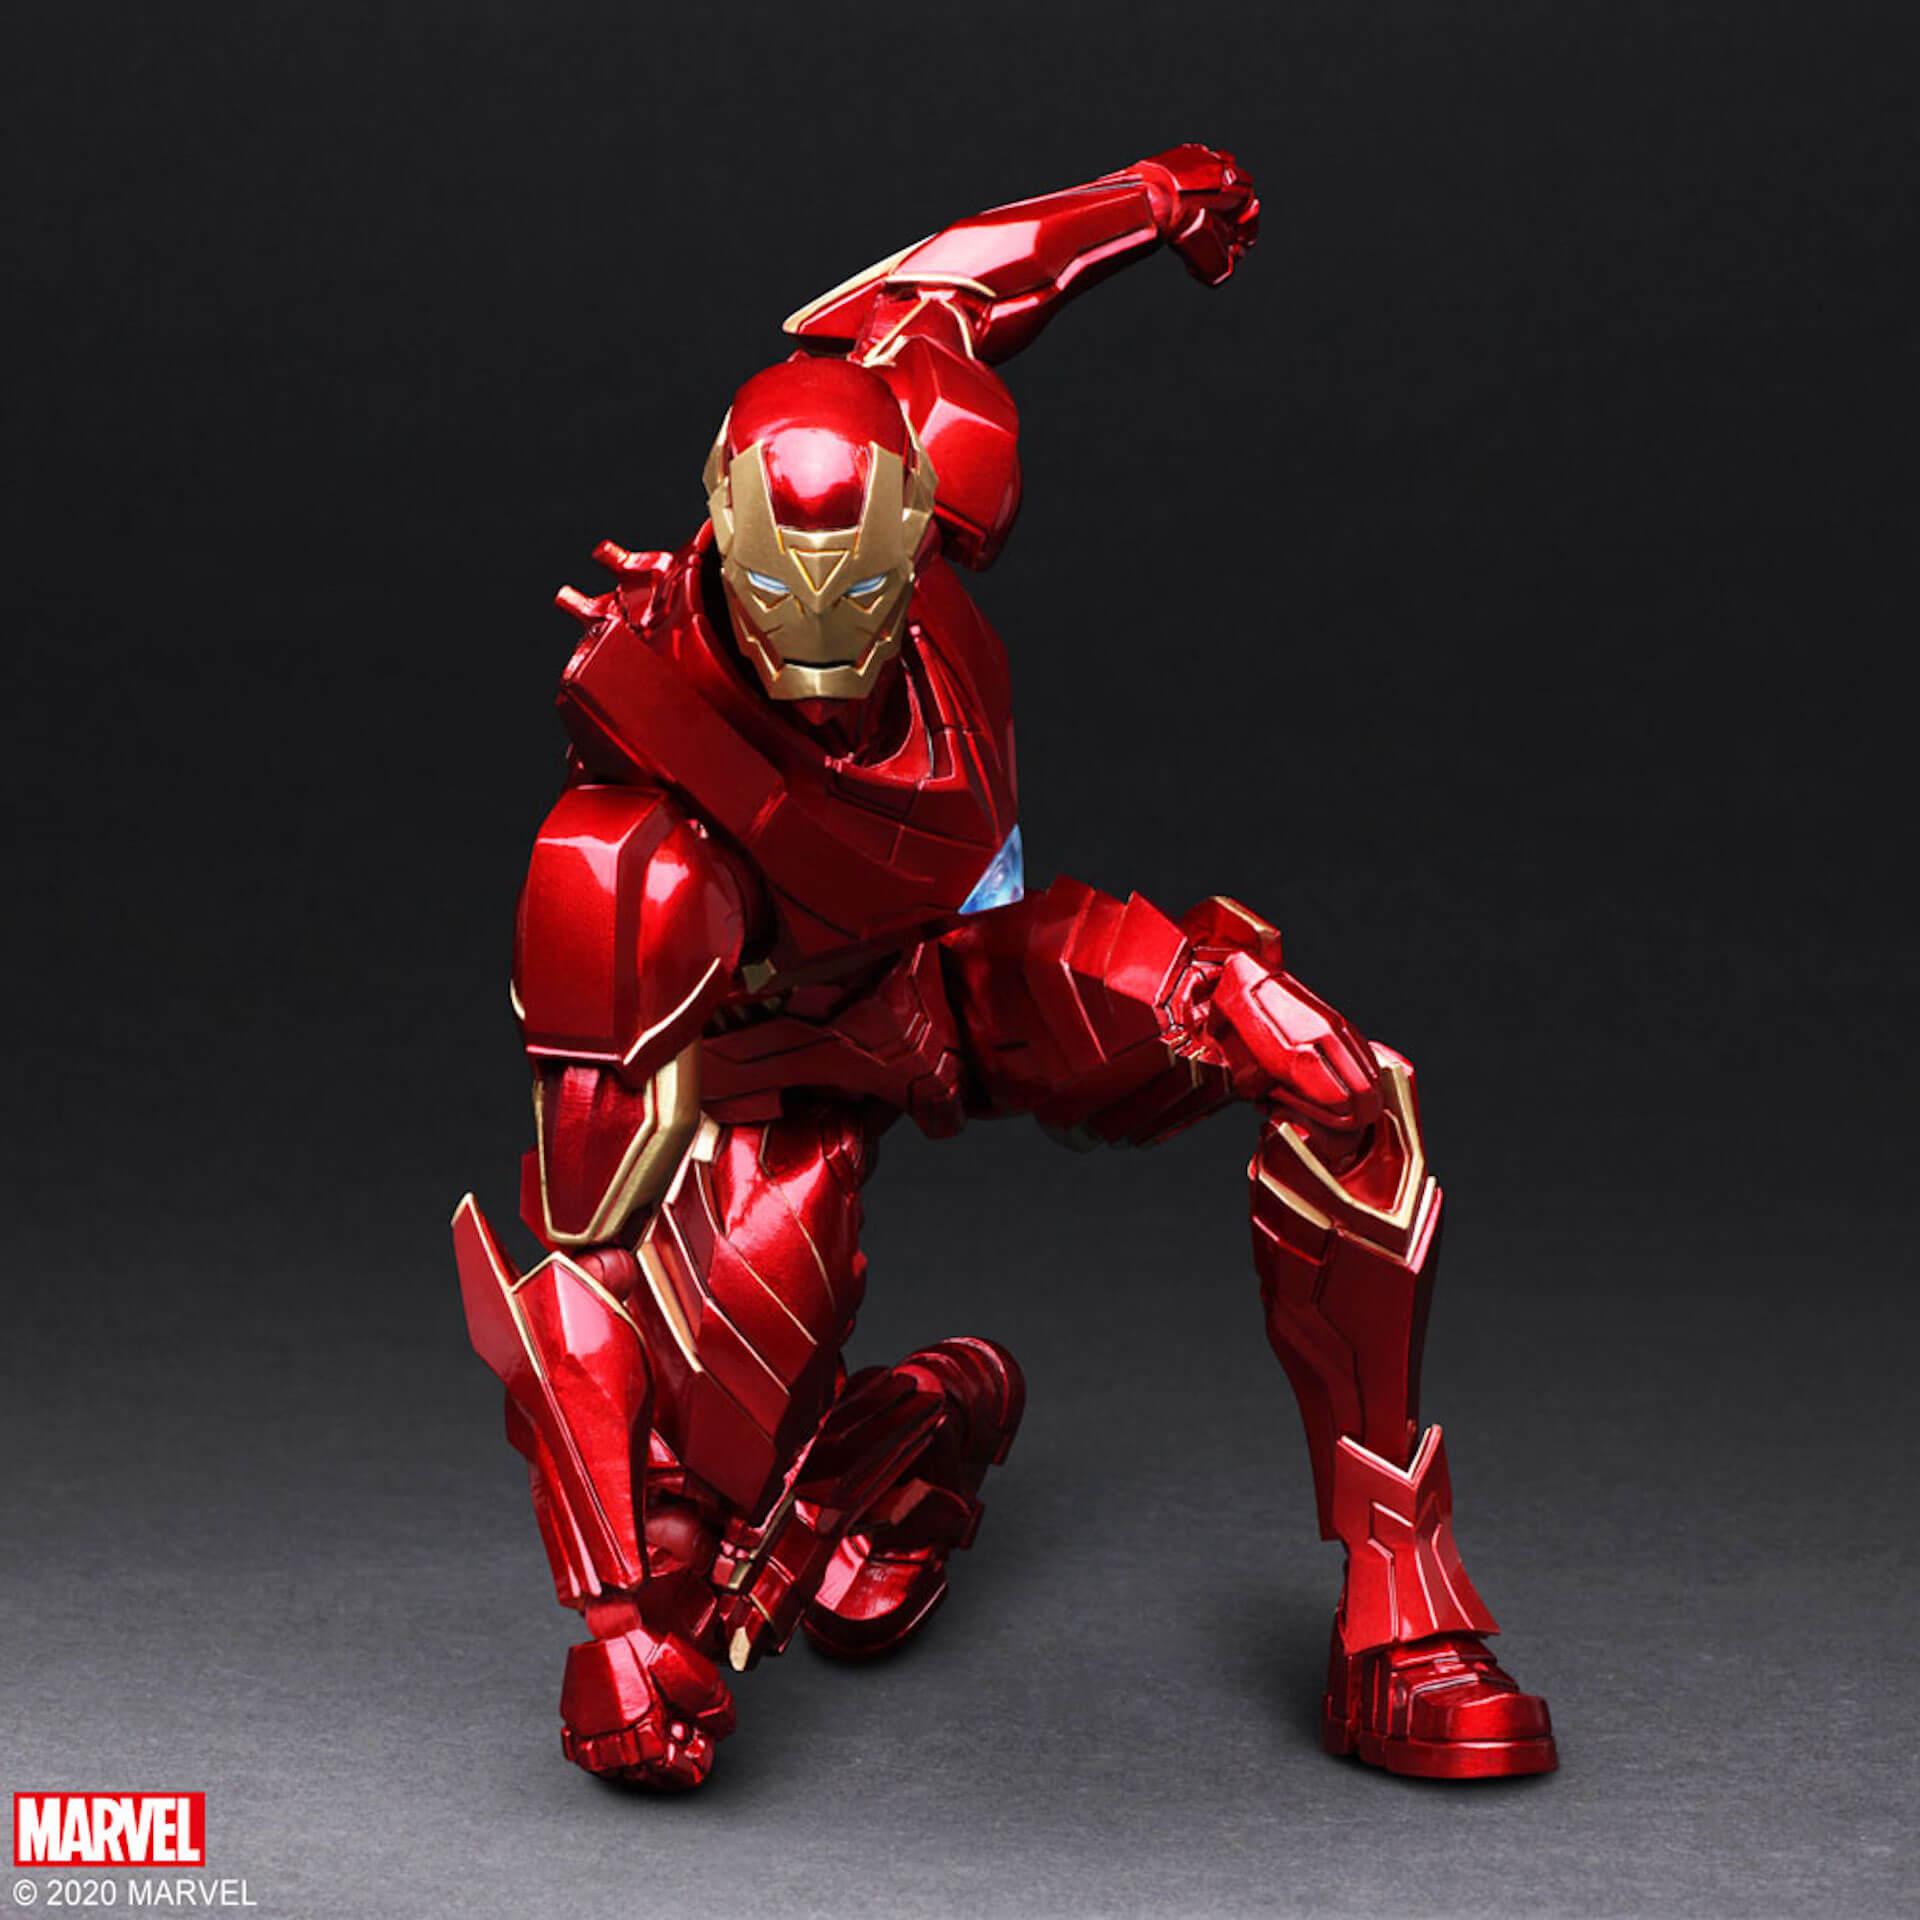 野村哲也デザインの『アイアンマン』『キャプテン・アメリカ』『スパイダーマン』フィギュアがスクウェア・エニックスのオンラインサイトで予約受付中! ac200702_marvel_nomuratesuya_03